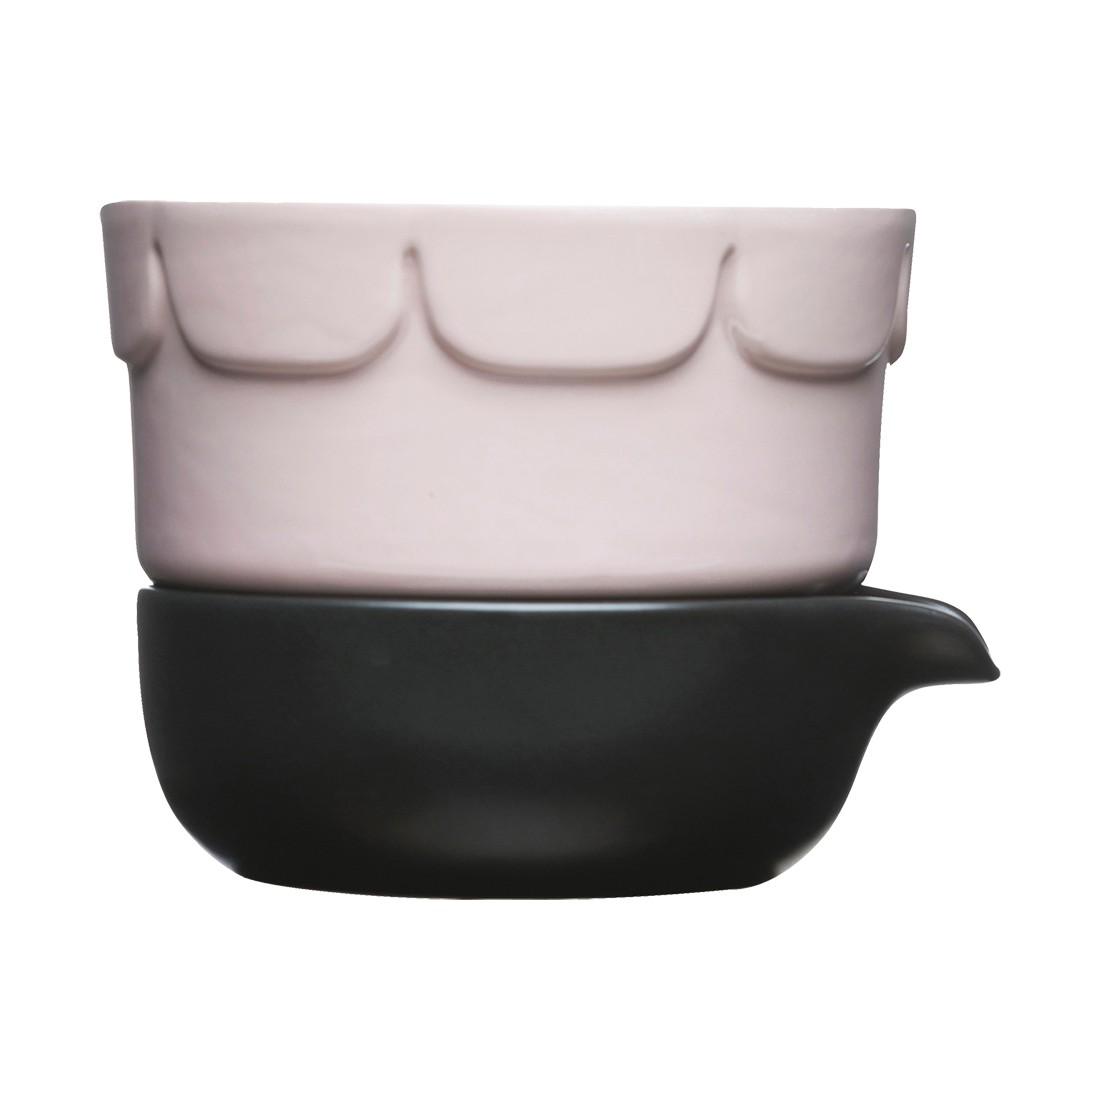 Pflanzentopf Green mit zwei Behältern – Keramik Pink, Anthrazit, Sagaform online bestellen